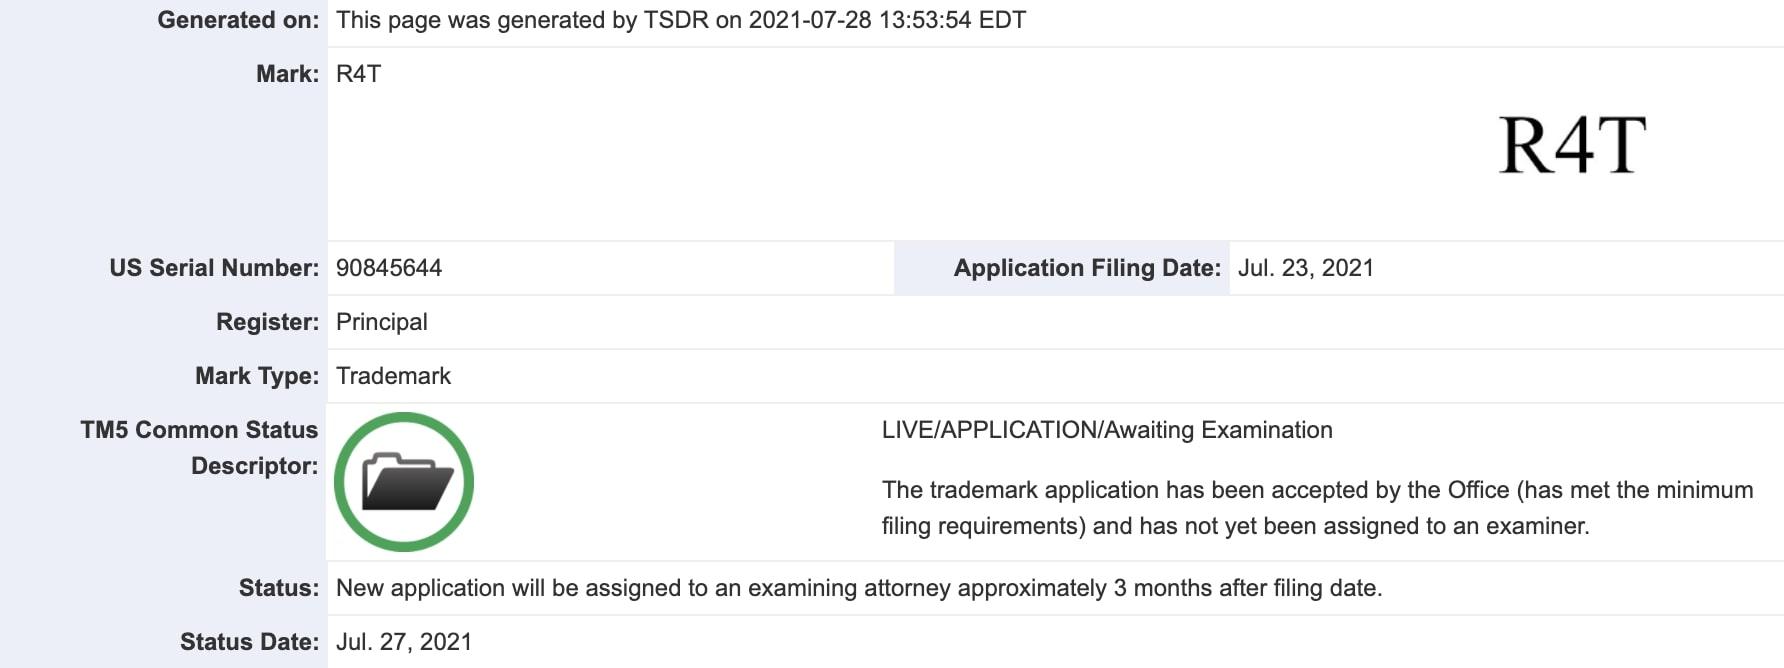 rivian-r4t-trademark-filing